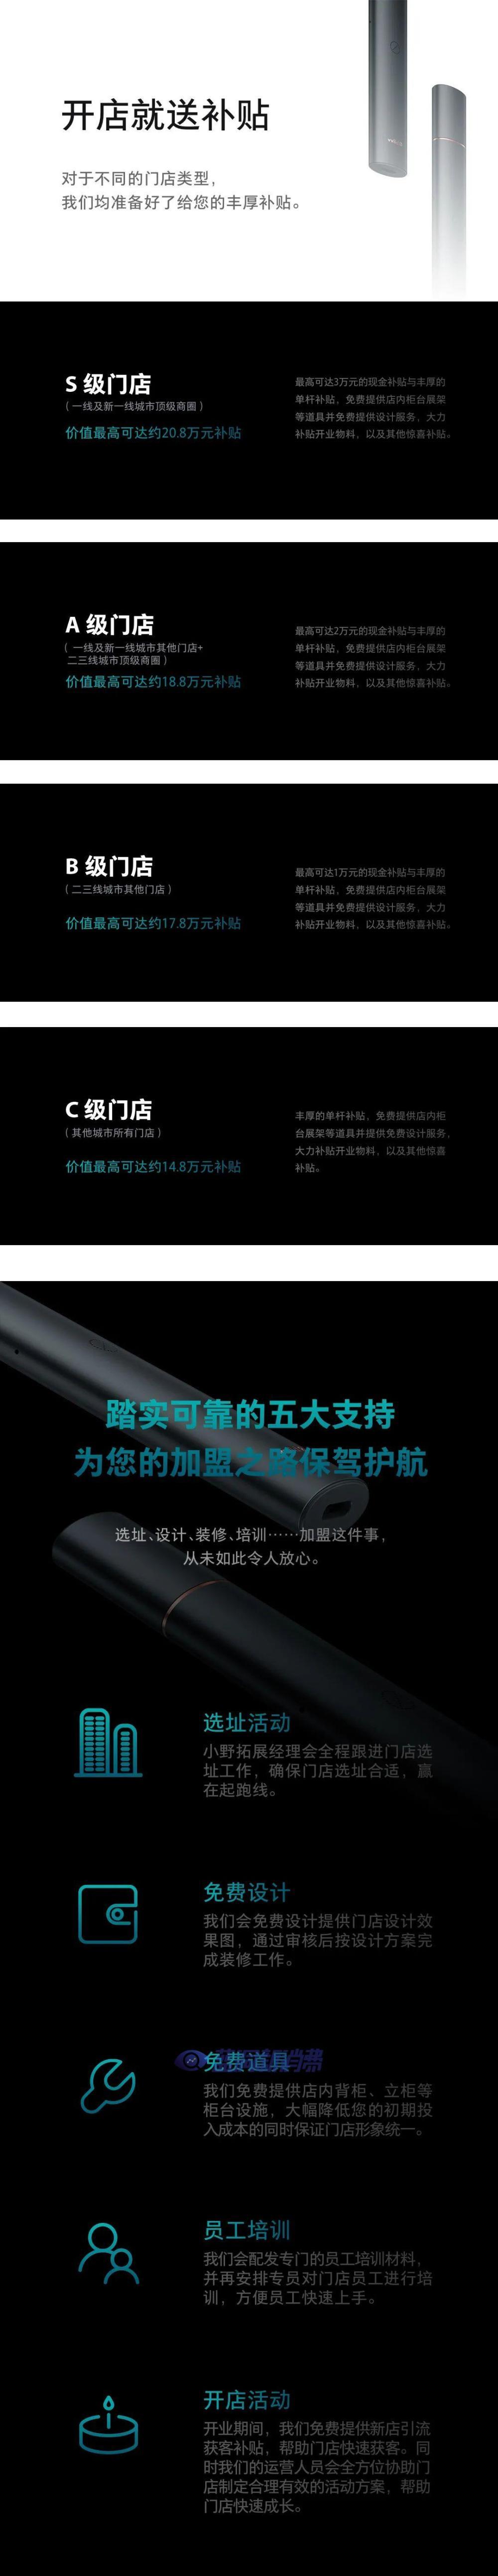 最高24万补贴!小野山东招商政策公布